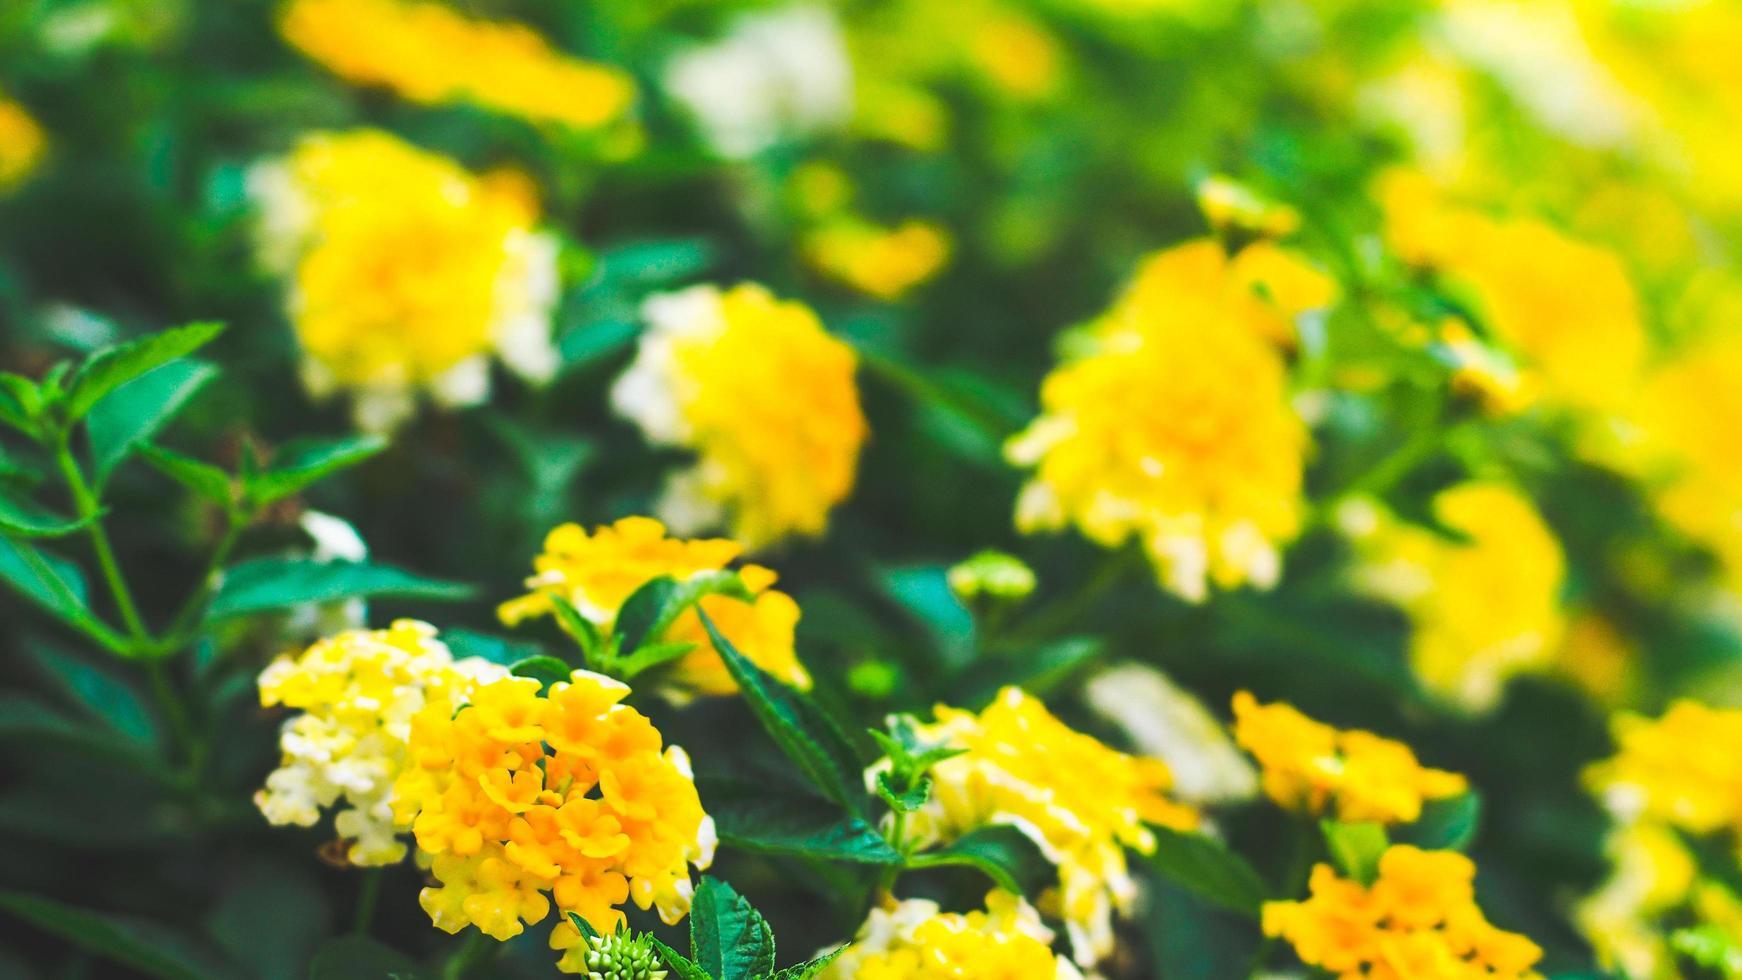 gelbe Blumen auf einem Busch foto